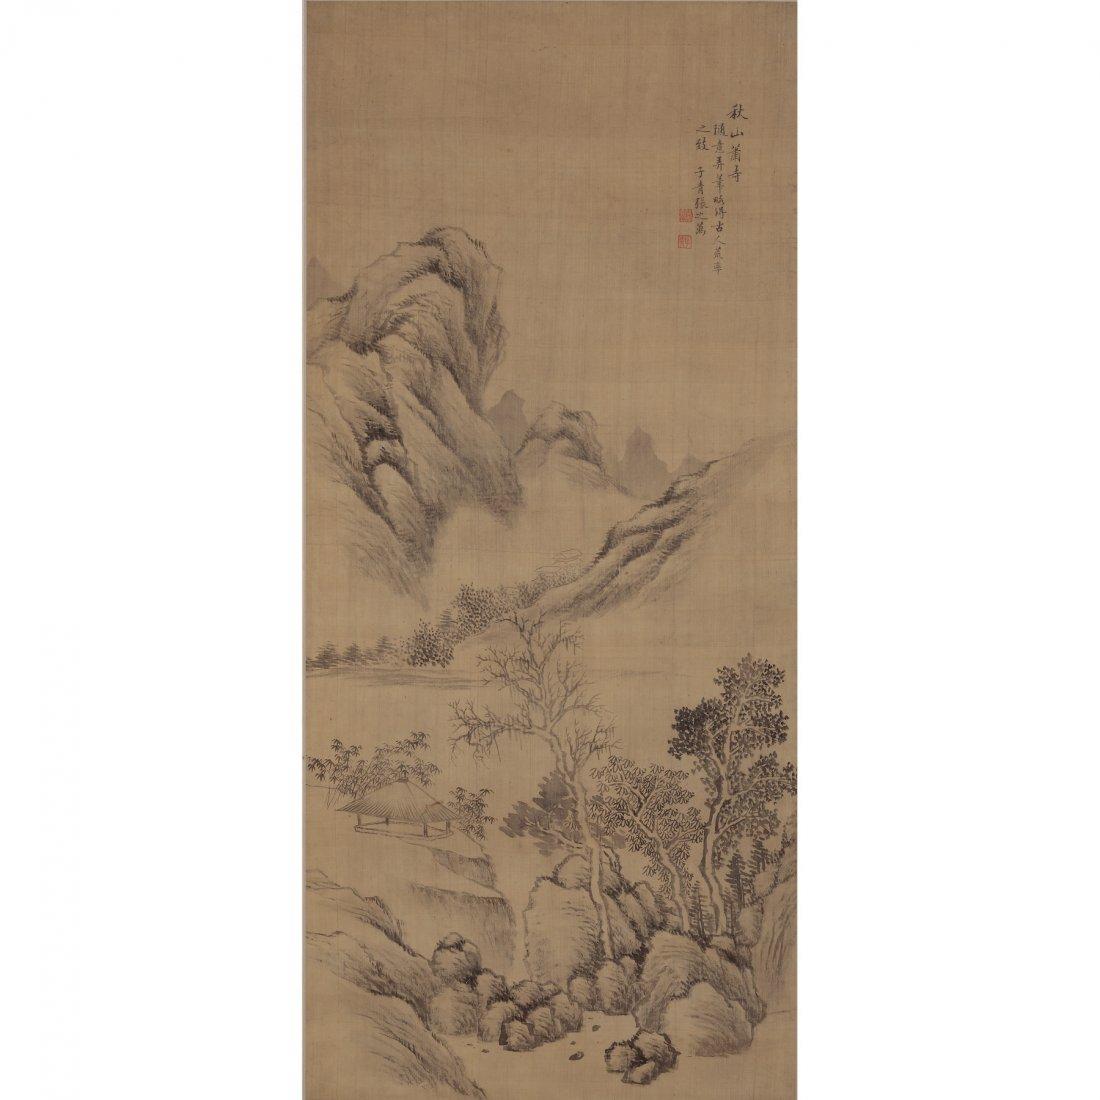 MOUNTAIN IN AUTUMN BY ZHANG ZHIWAN (1811-1897)